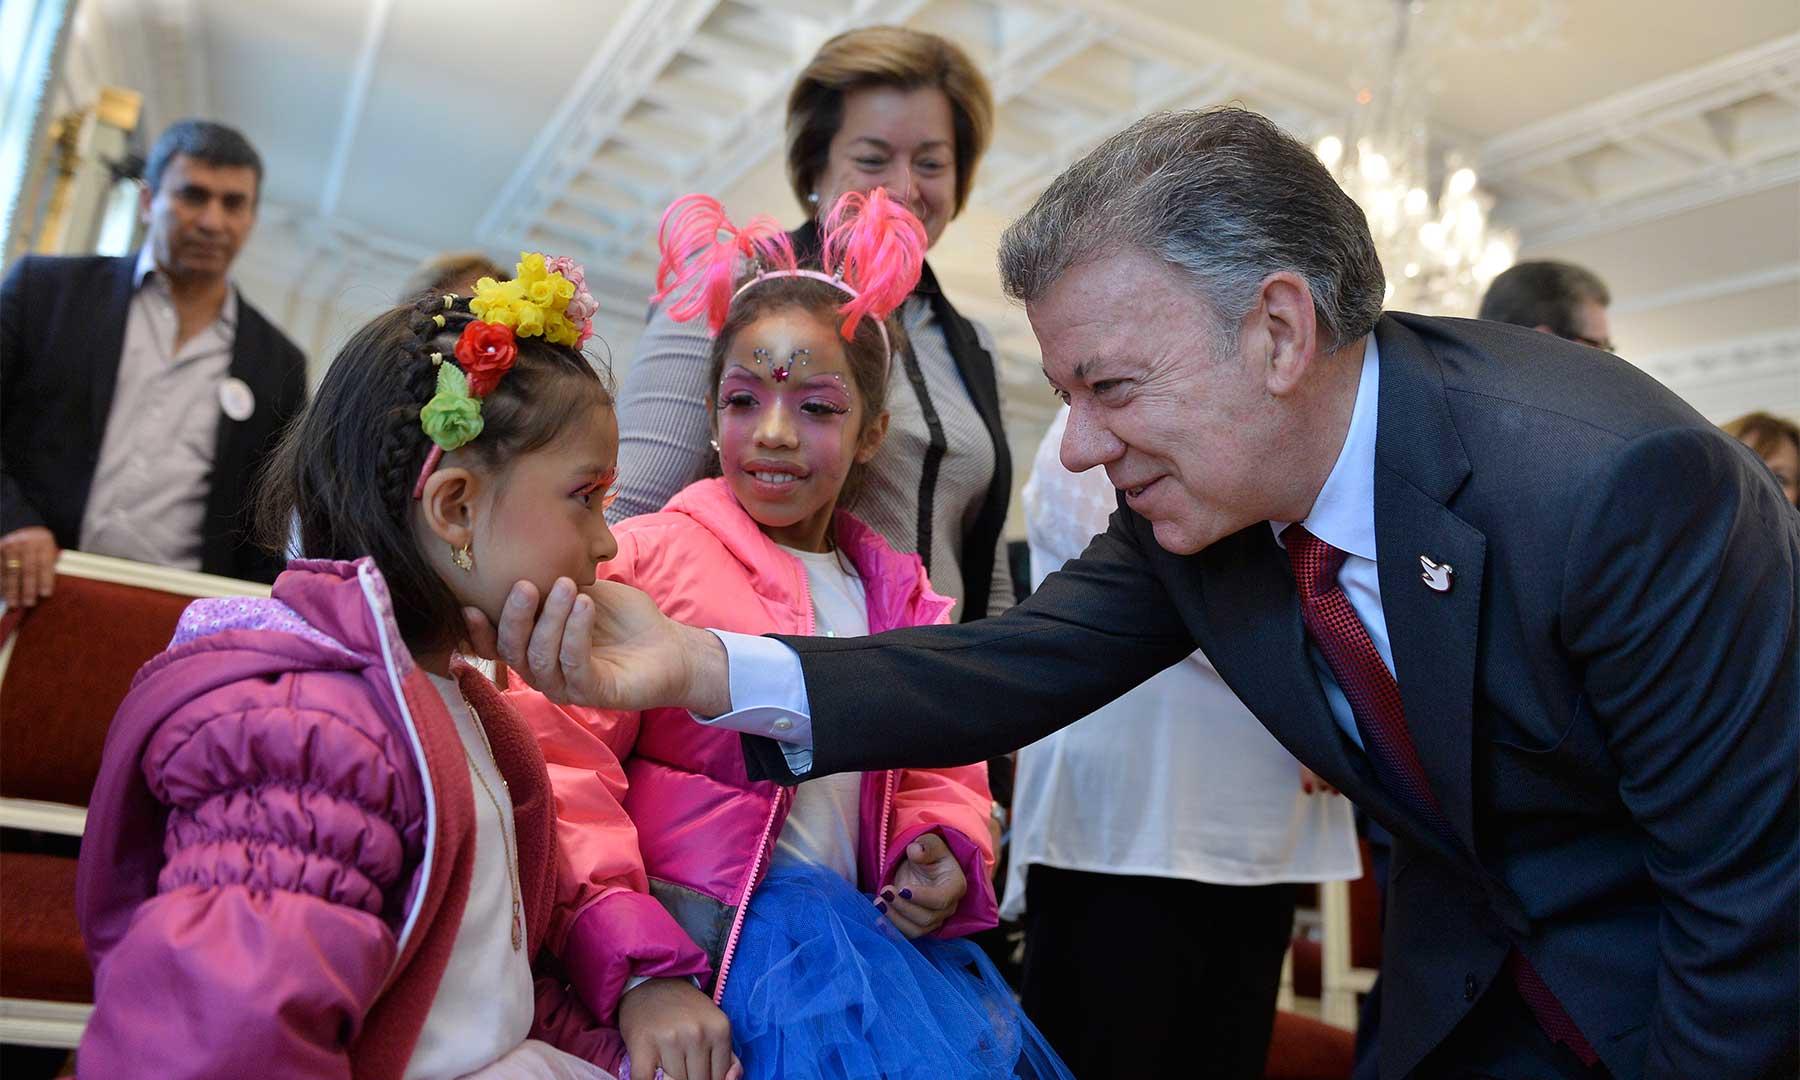 Un afectuoso saludo ofrece el Presidente Santos a una niña que acompañó a dirigentes de organizaciones sociales, quienes visitaron la Casa de Nariño para brindar su apoyo a la paz.